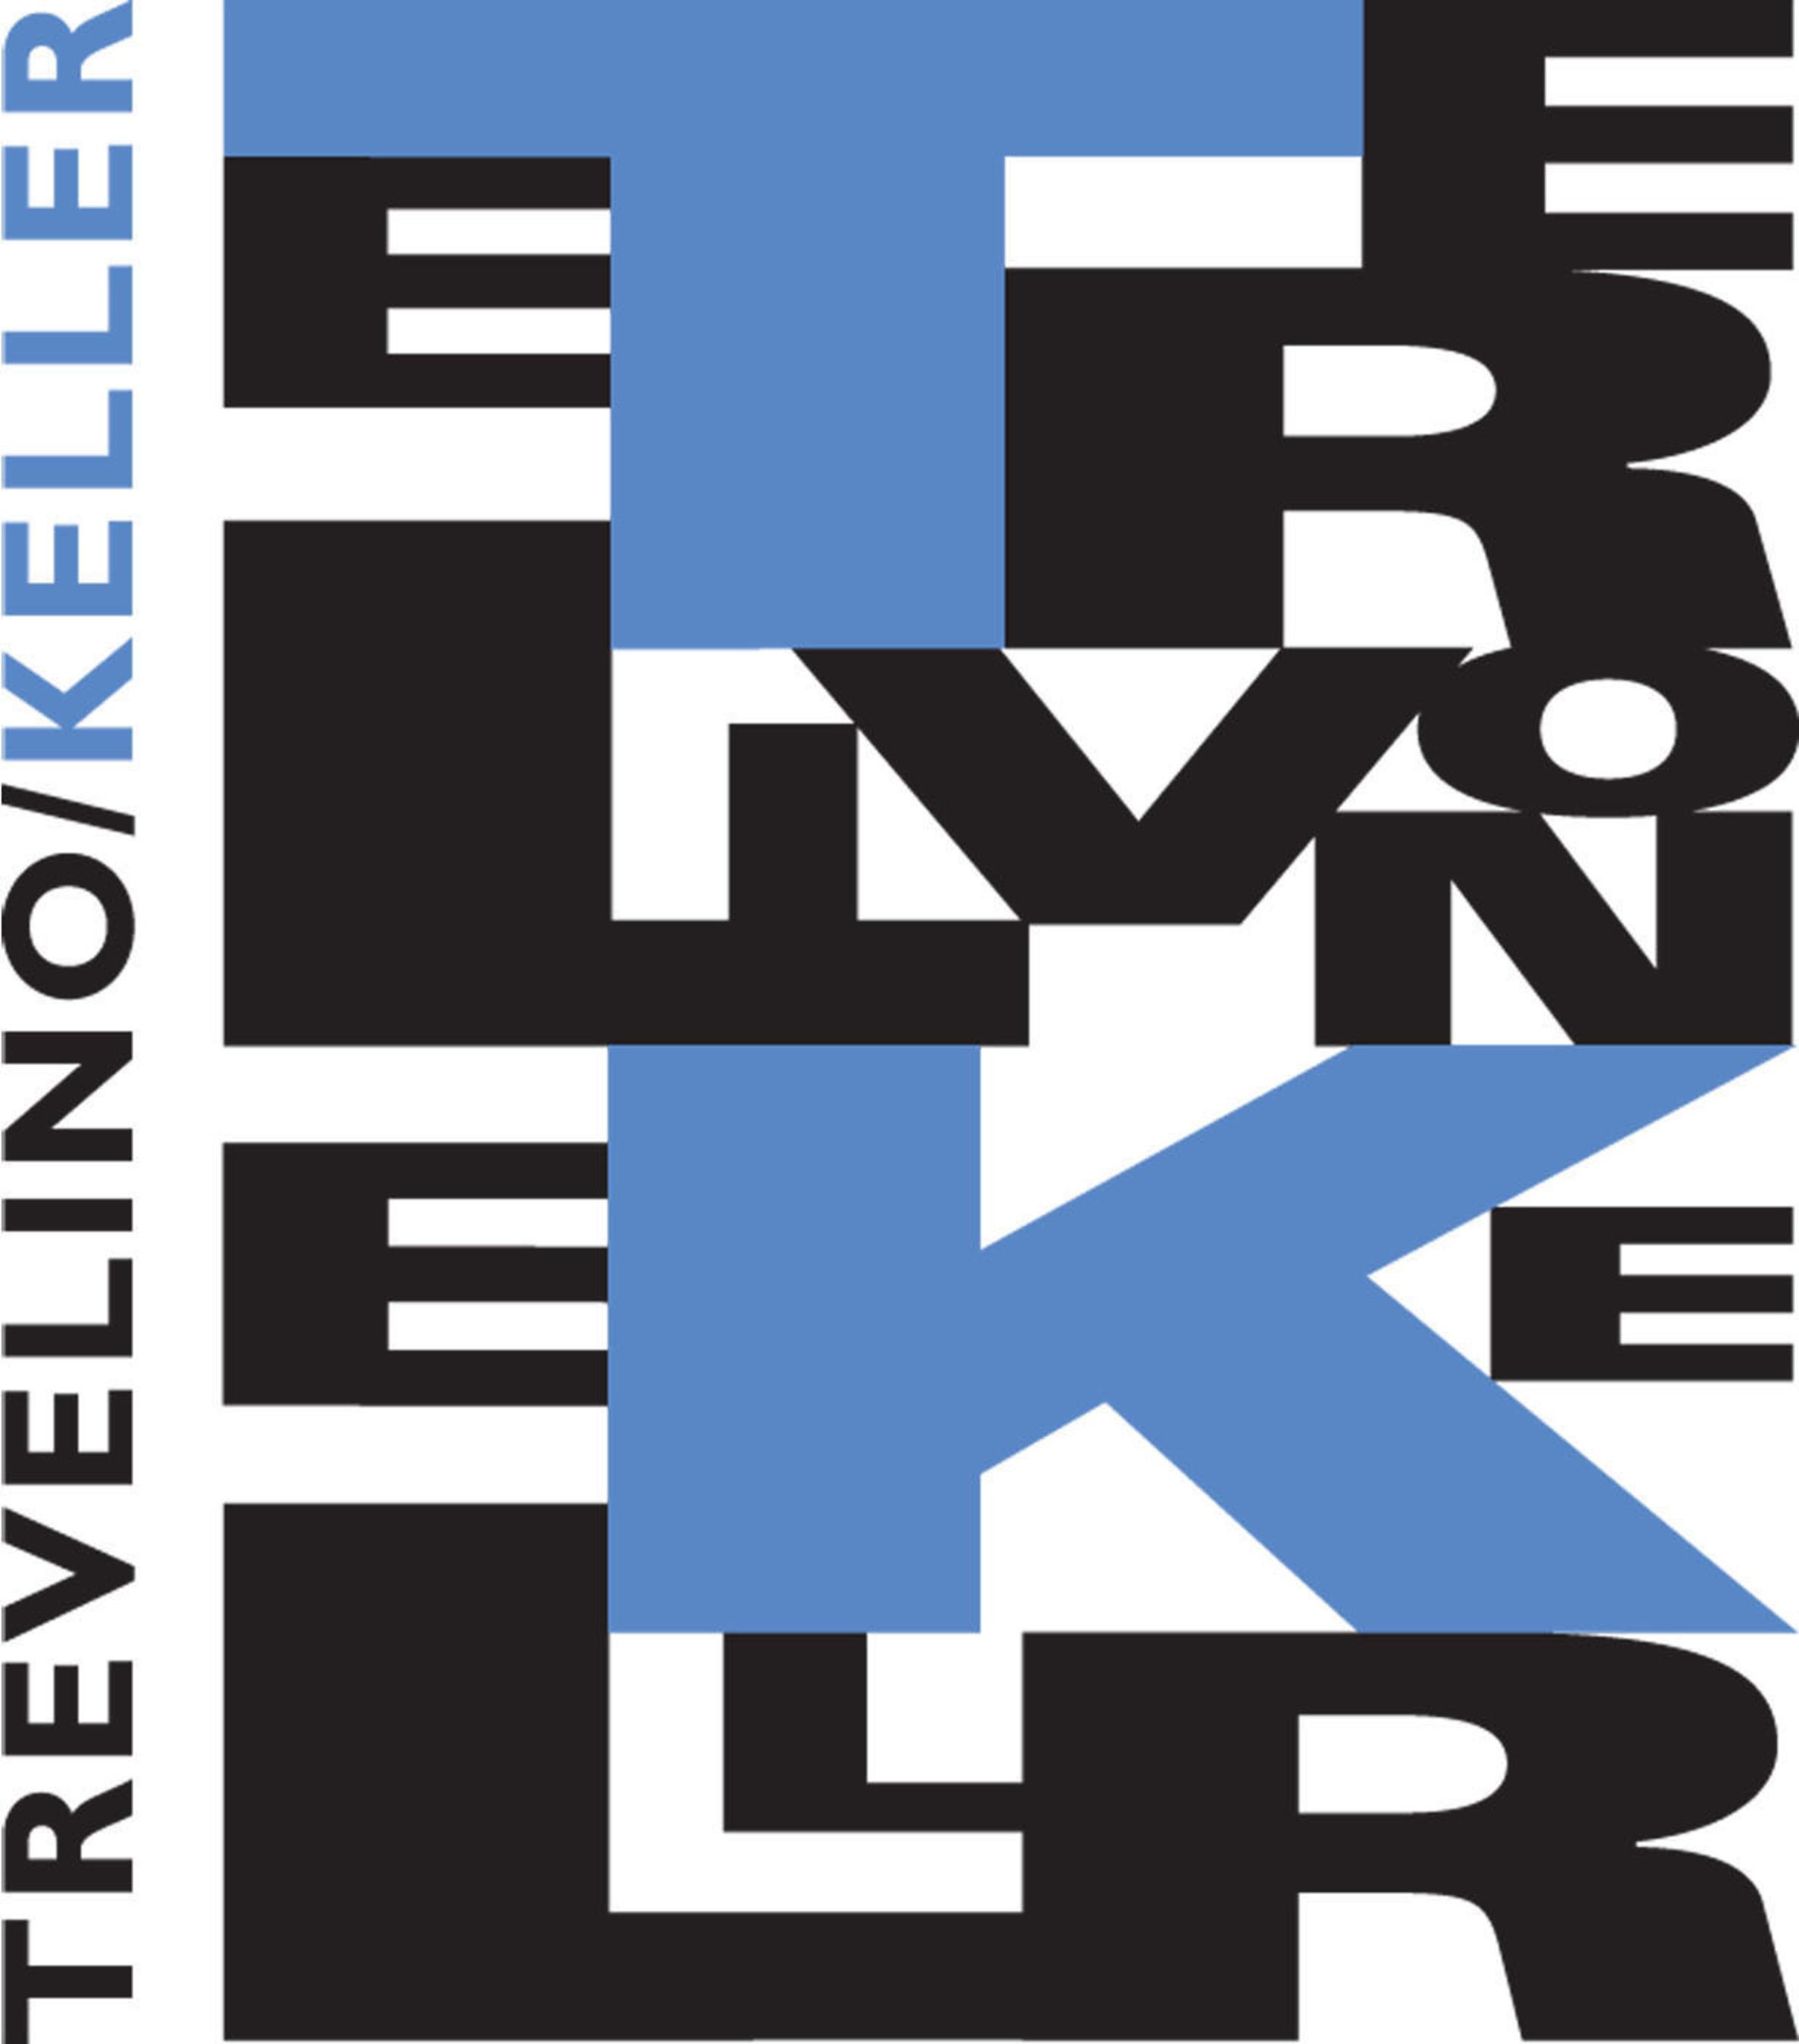 Trevelino/Keller Communications